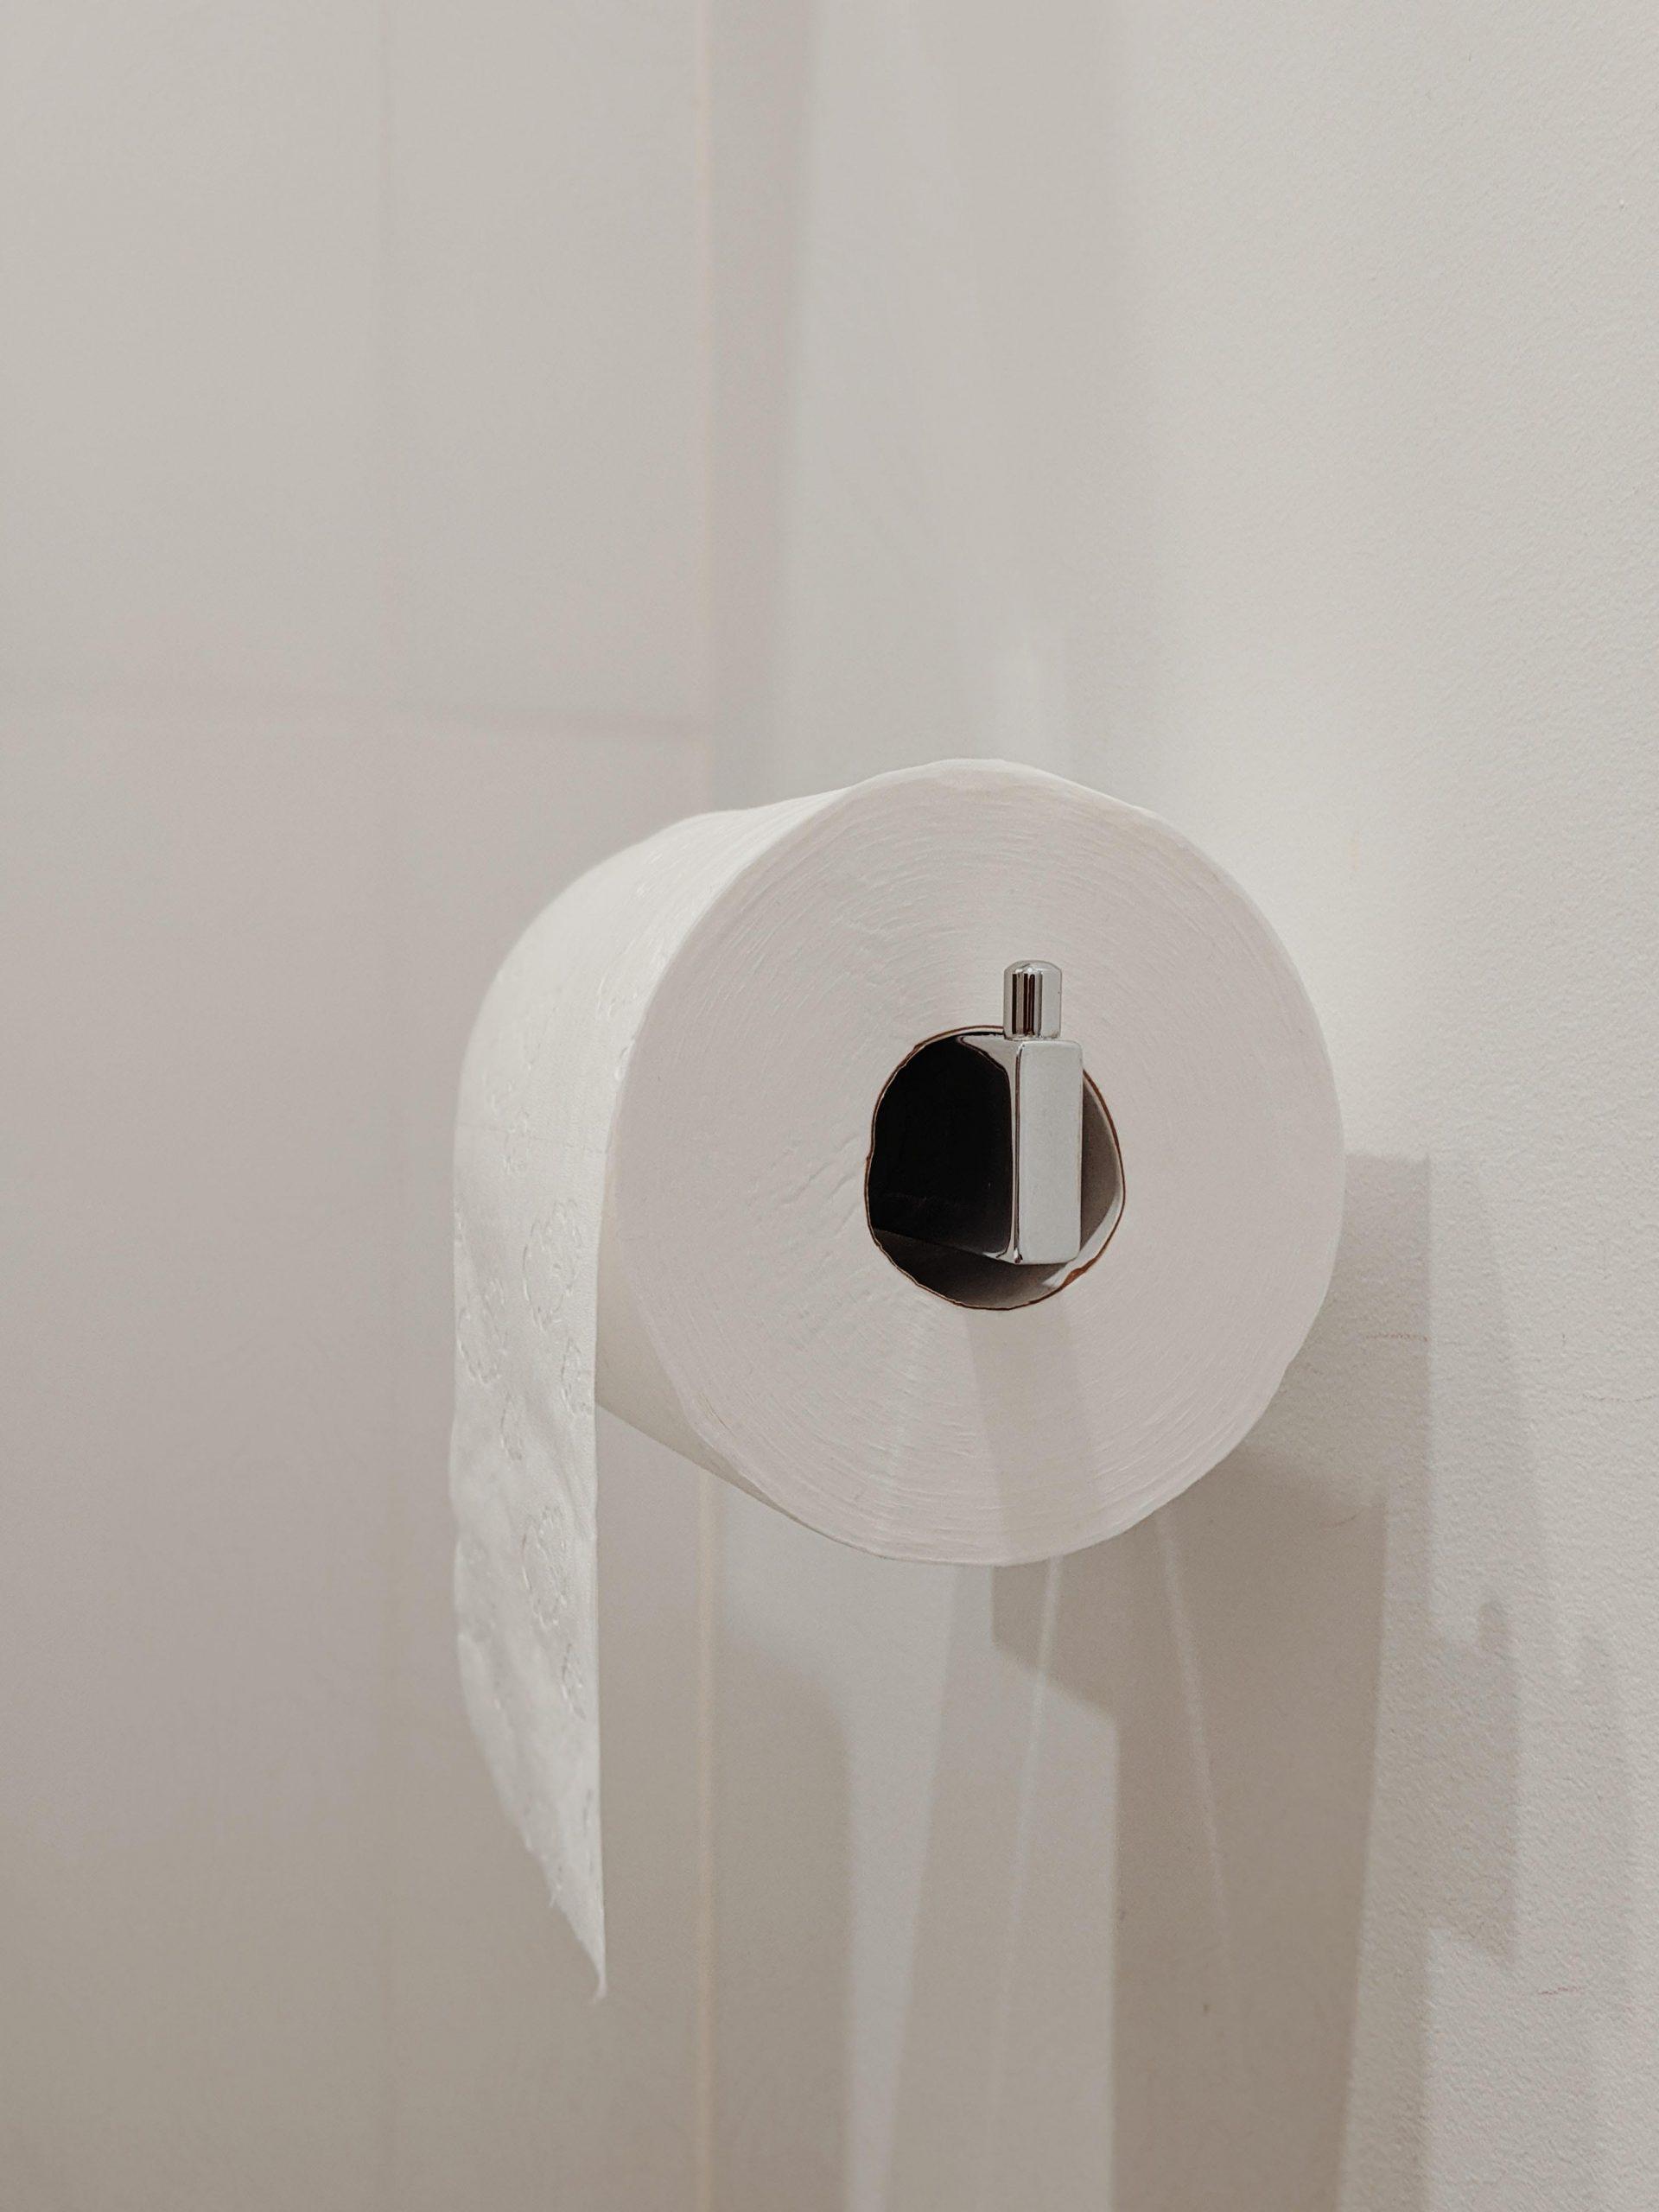 trắc nghiệm tính cách qua thói quen đặt giấy vệ sinh